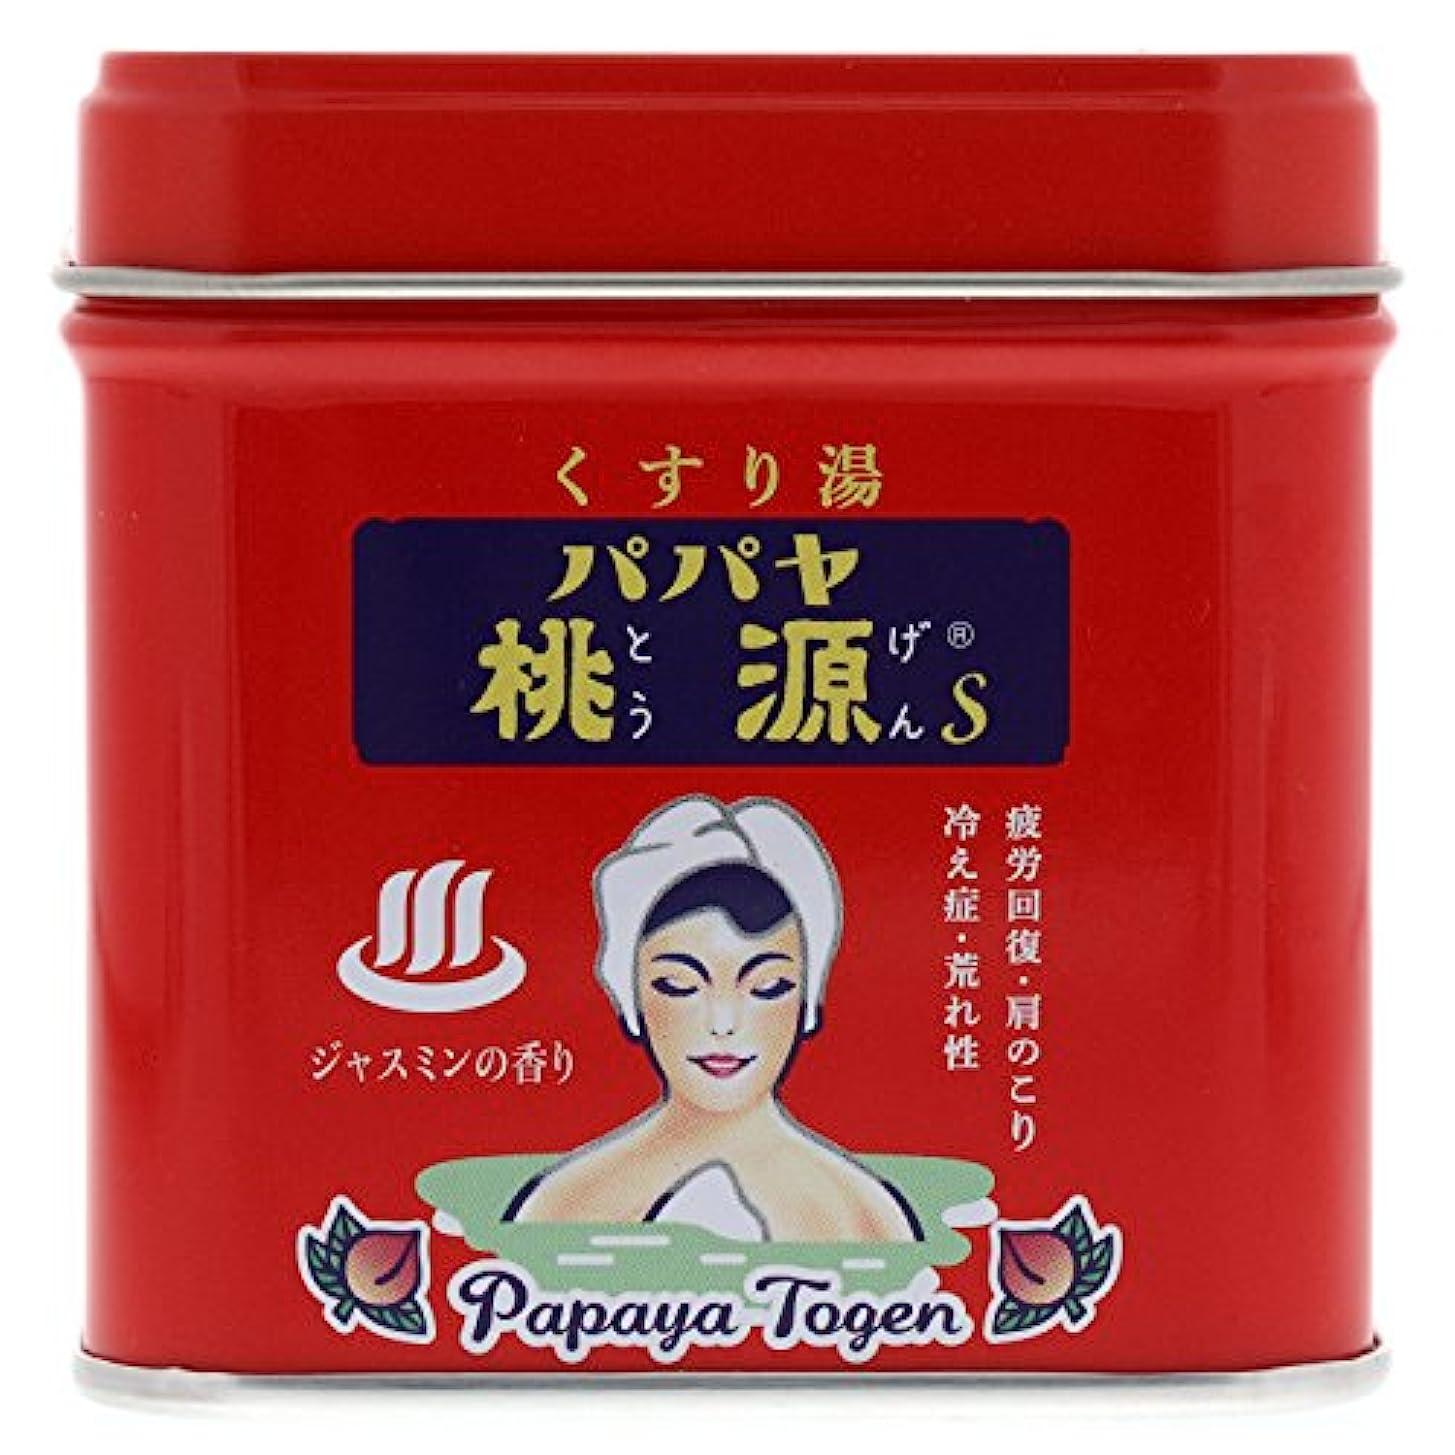 奇跡的なレンディション曲パパヤ桃源S70g缶 ジャスミンの香り [医薬部外品]